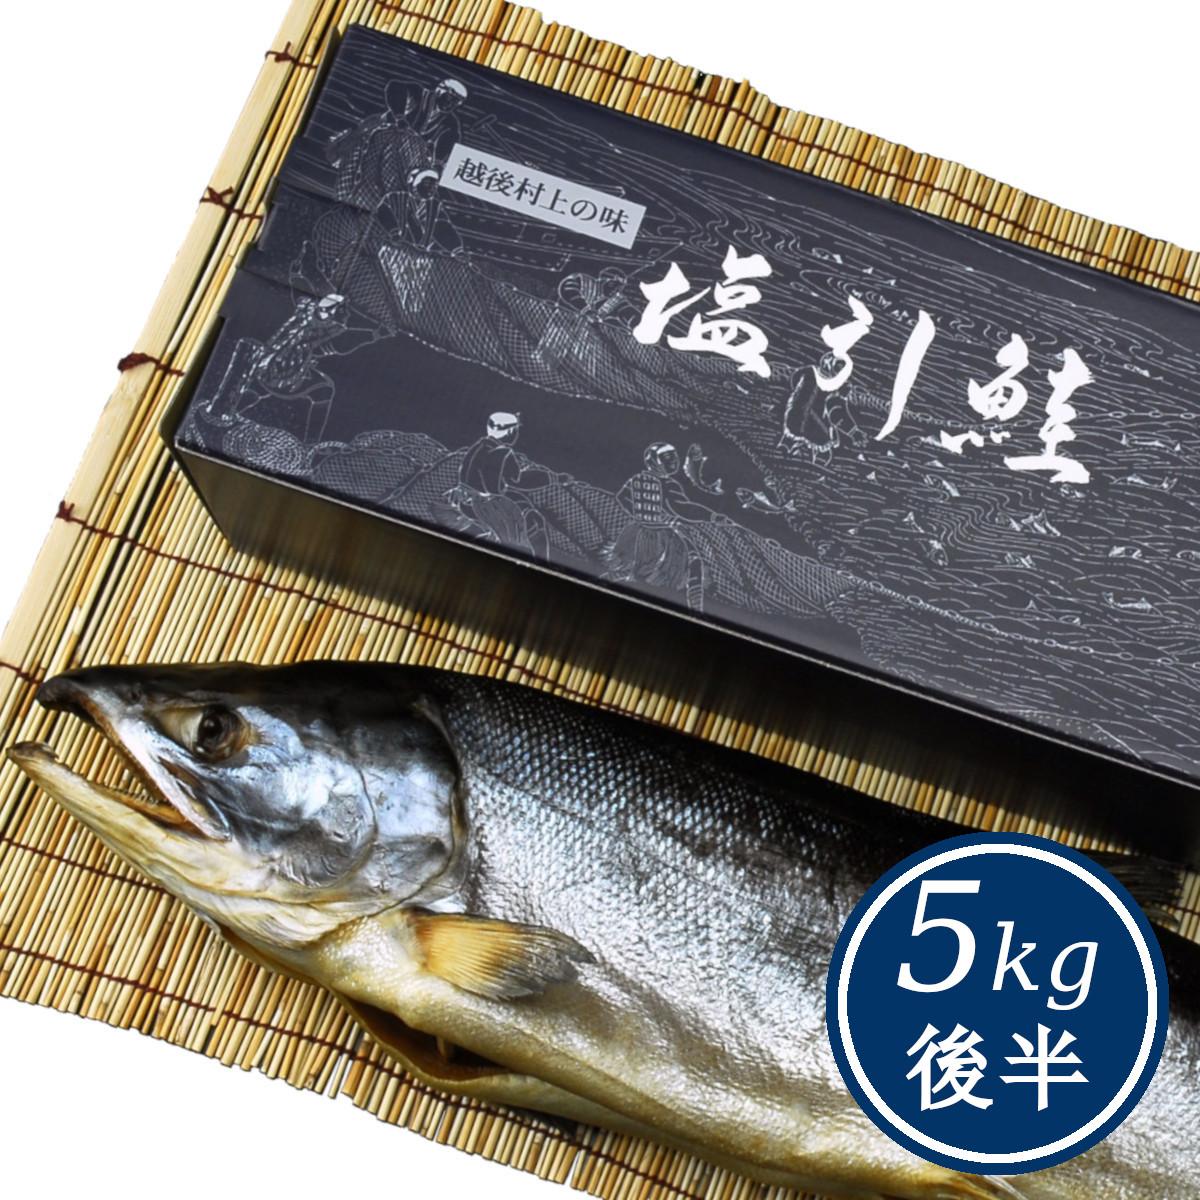 塩引鮭(塩引き鮭)一尾物5kg後半